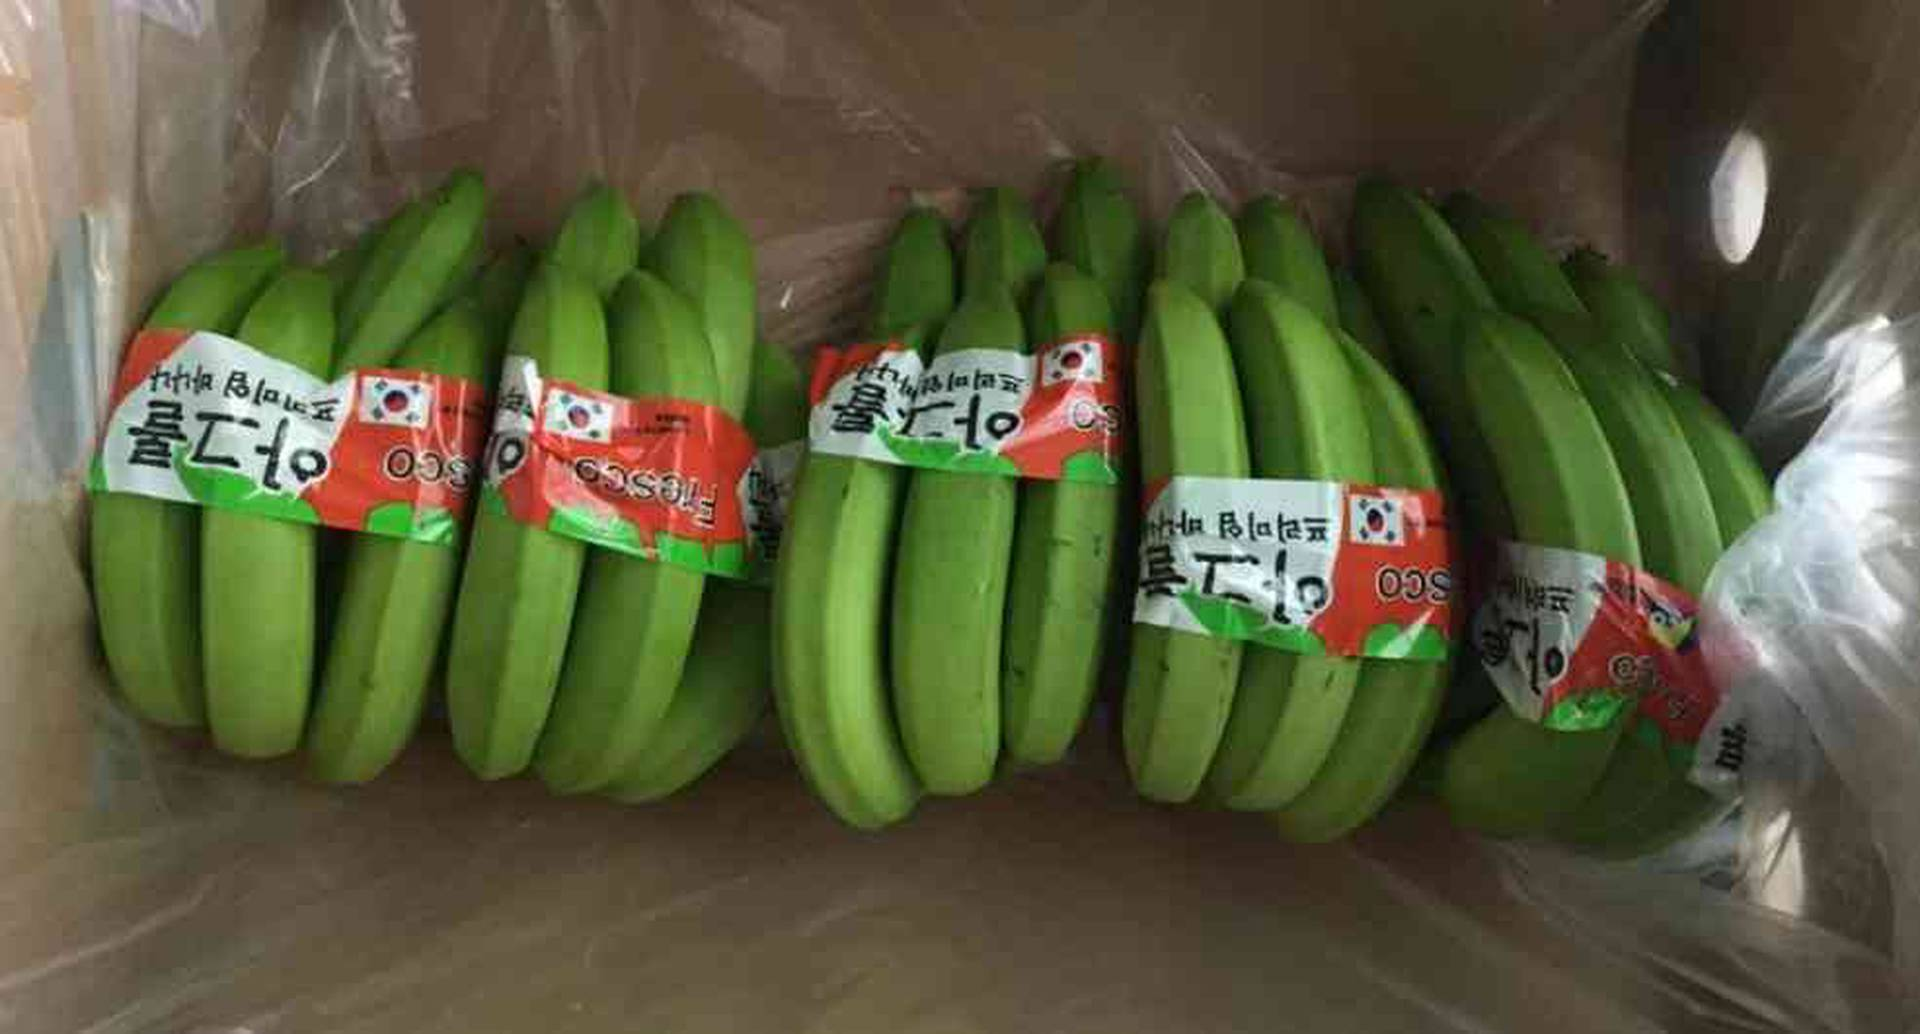 Las ventas internacionales de banano de Colombia sumaron, entre enero y mayo, 383,4 millones de dólares.